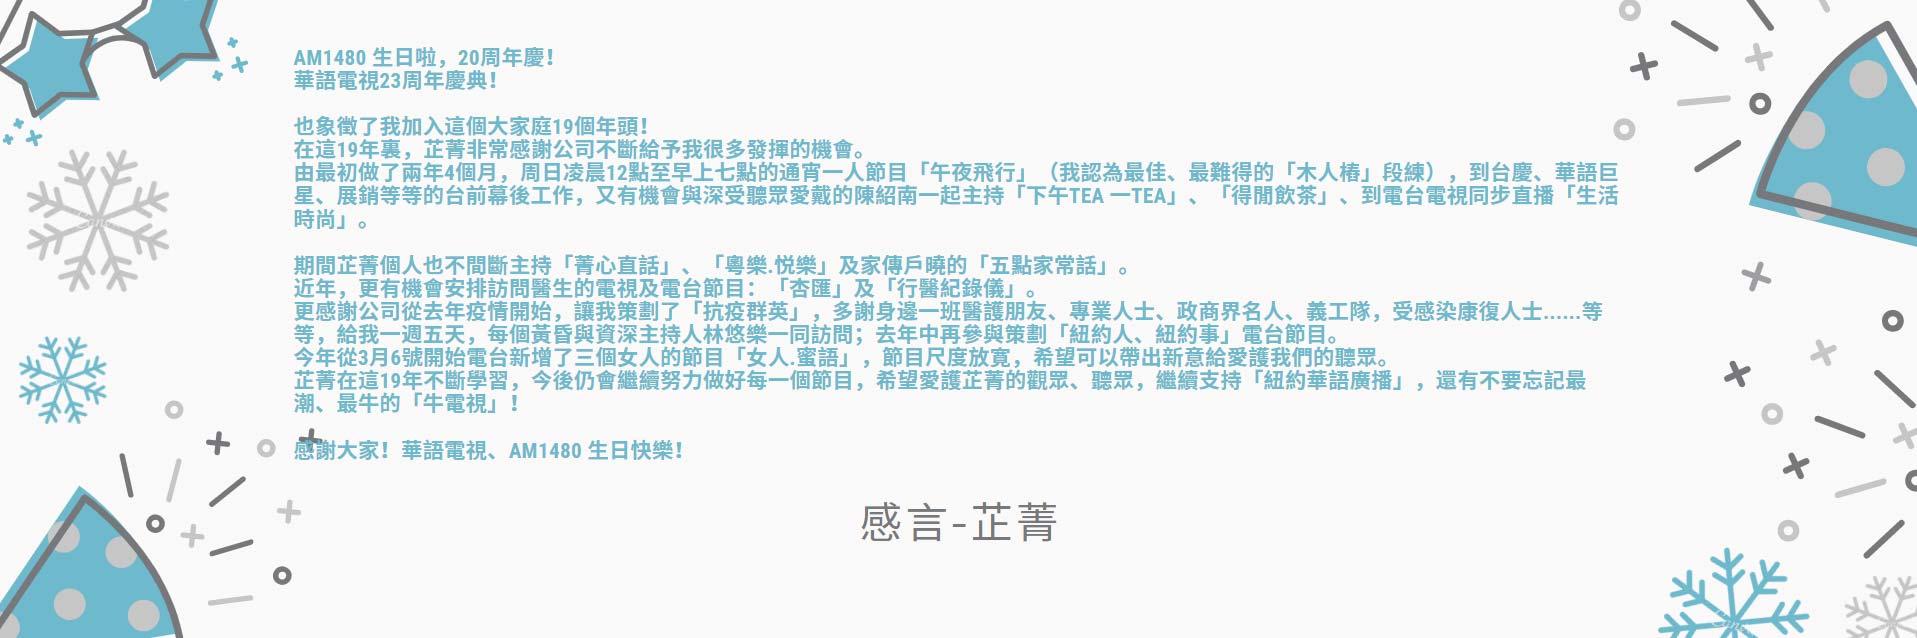 感言-芷菁web